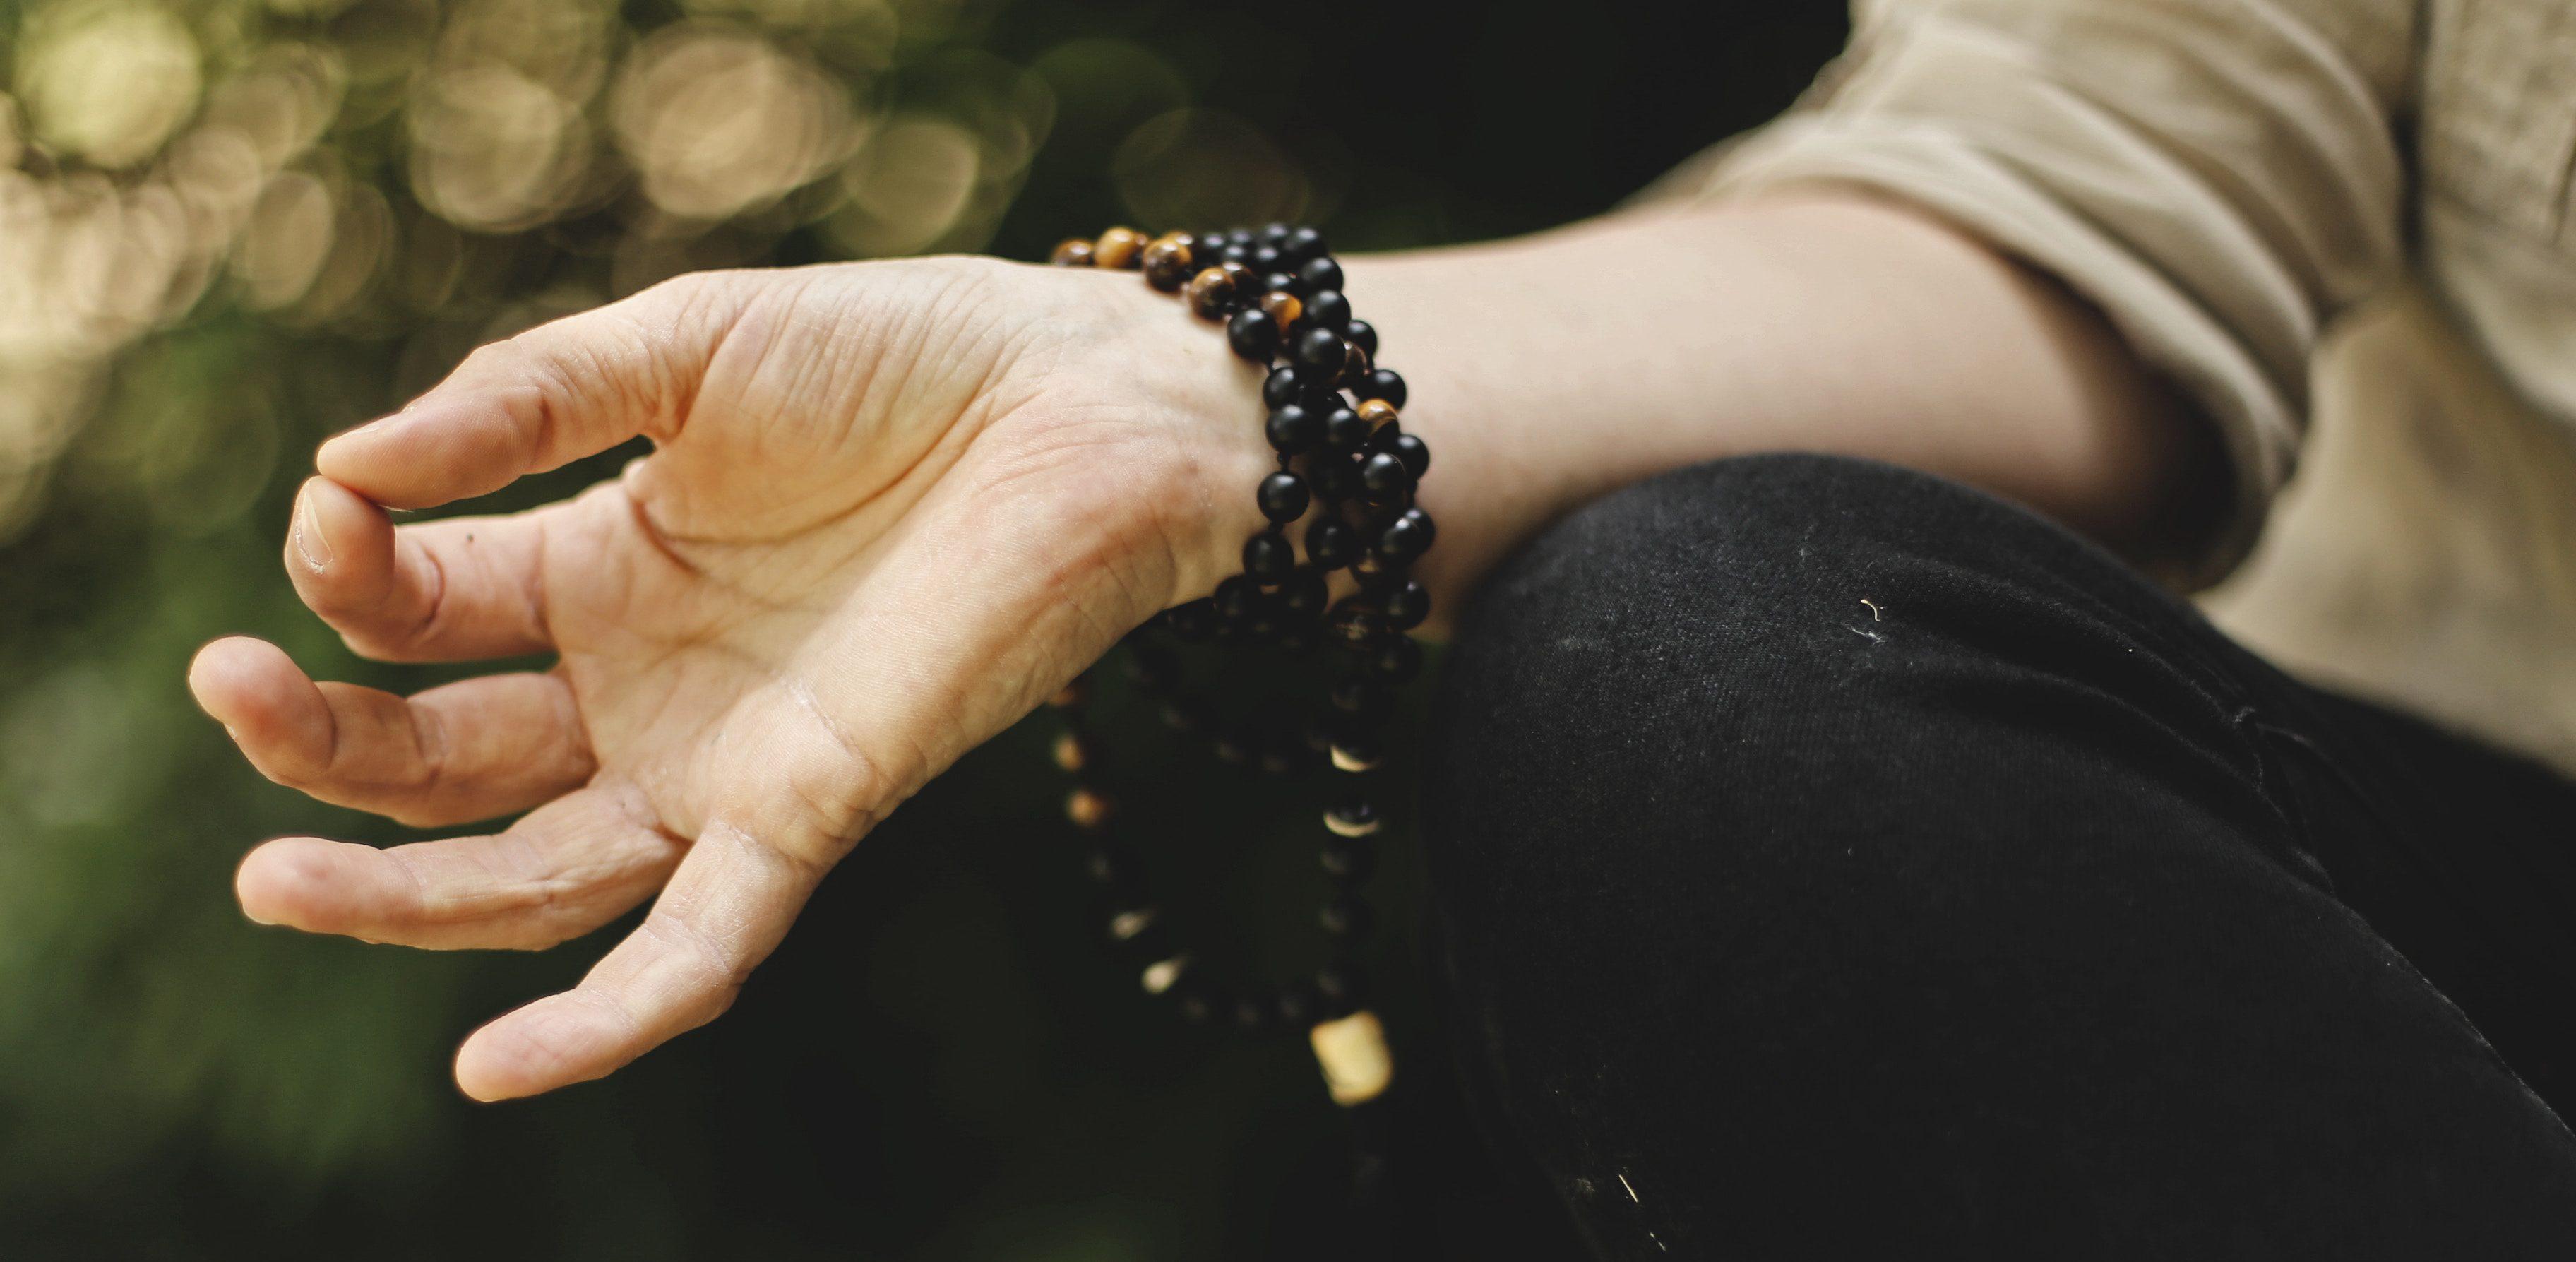 Влияет ли медитация на креативность? Кажется, не очень